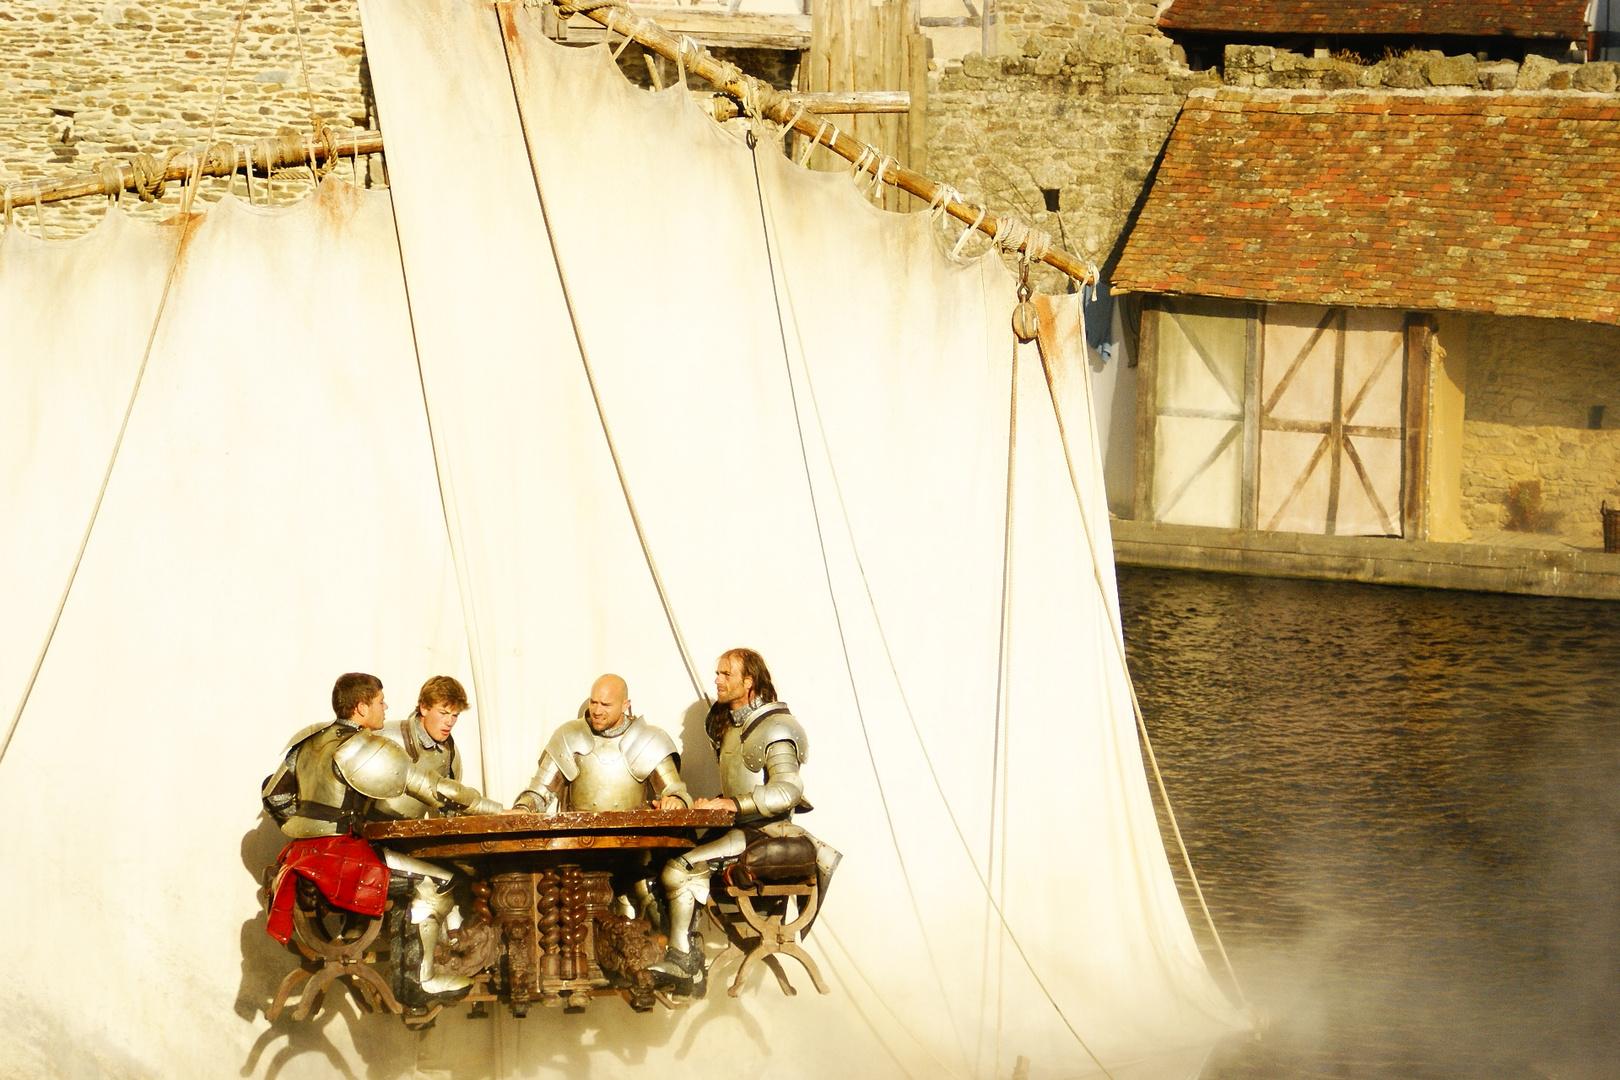 Les chevaliers de la table ronde photo et image photos - Liste des chevaliers de la table ronde ...